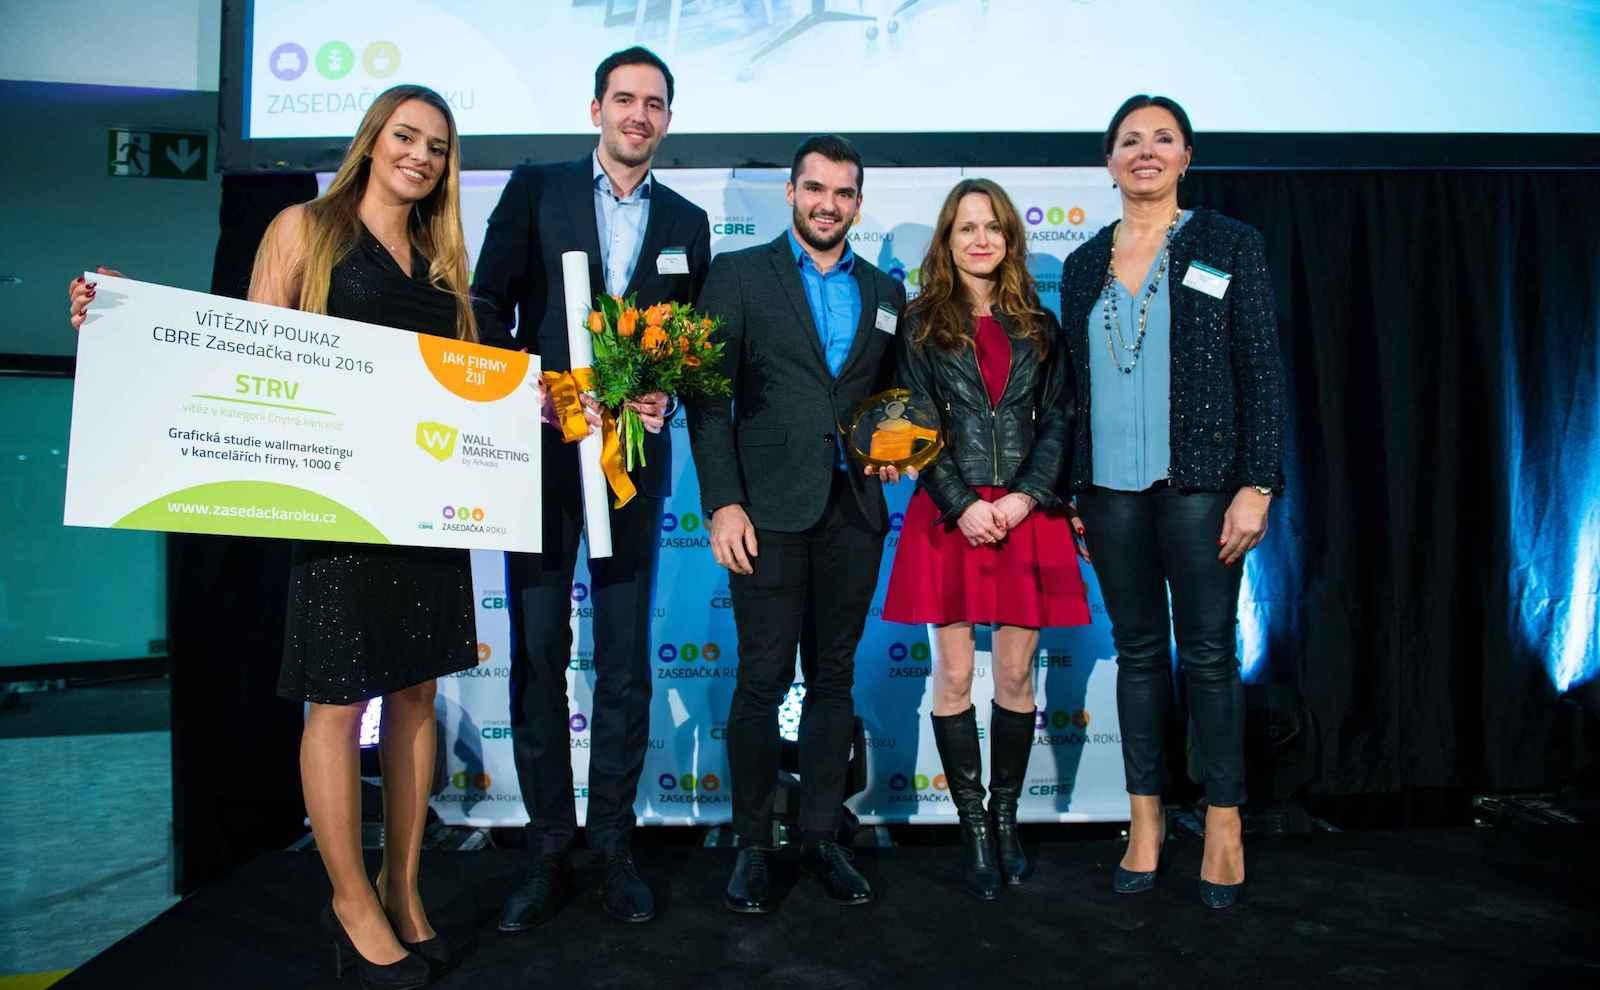 CBRE zasedačka roku - chysrá kancelář - přebírání ceny - Michal Krajsa a Lubo Smid za STRV